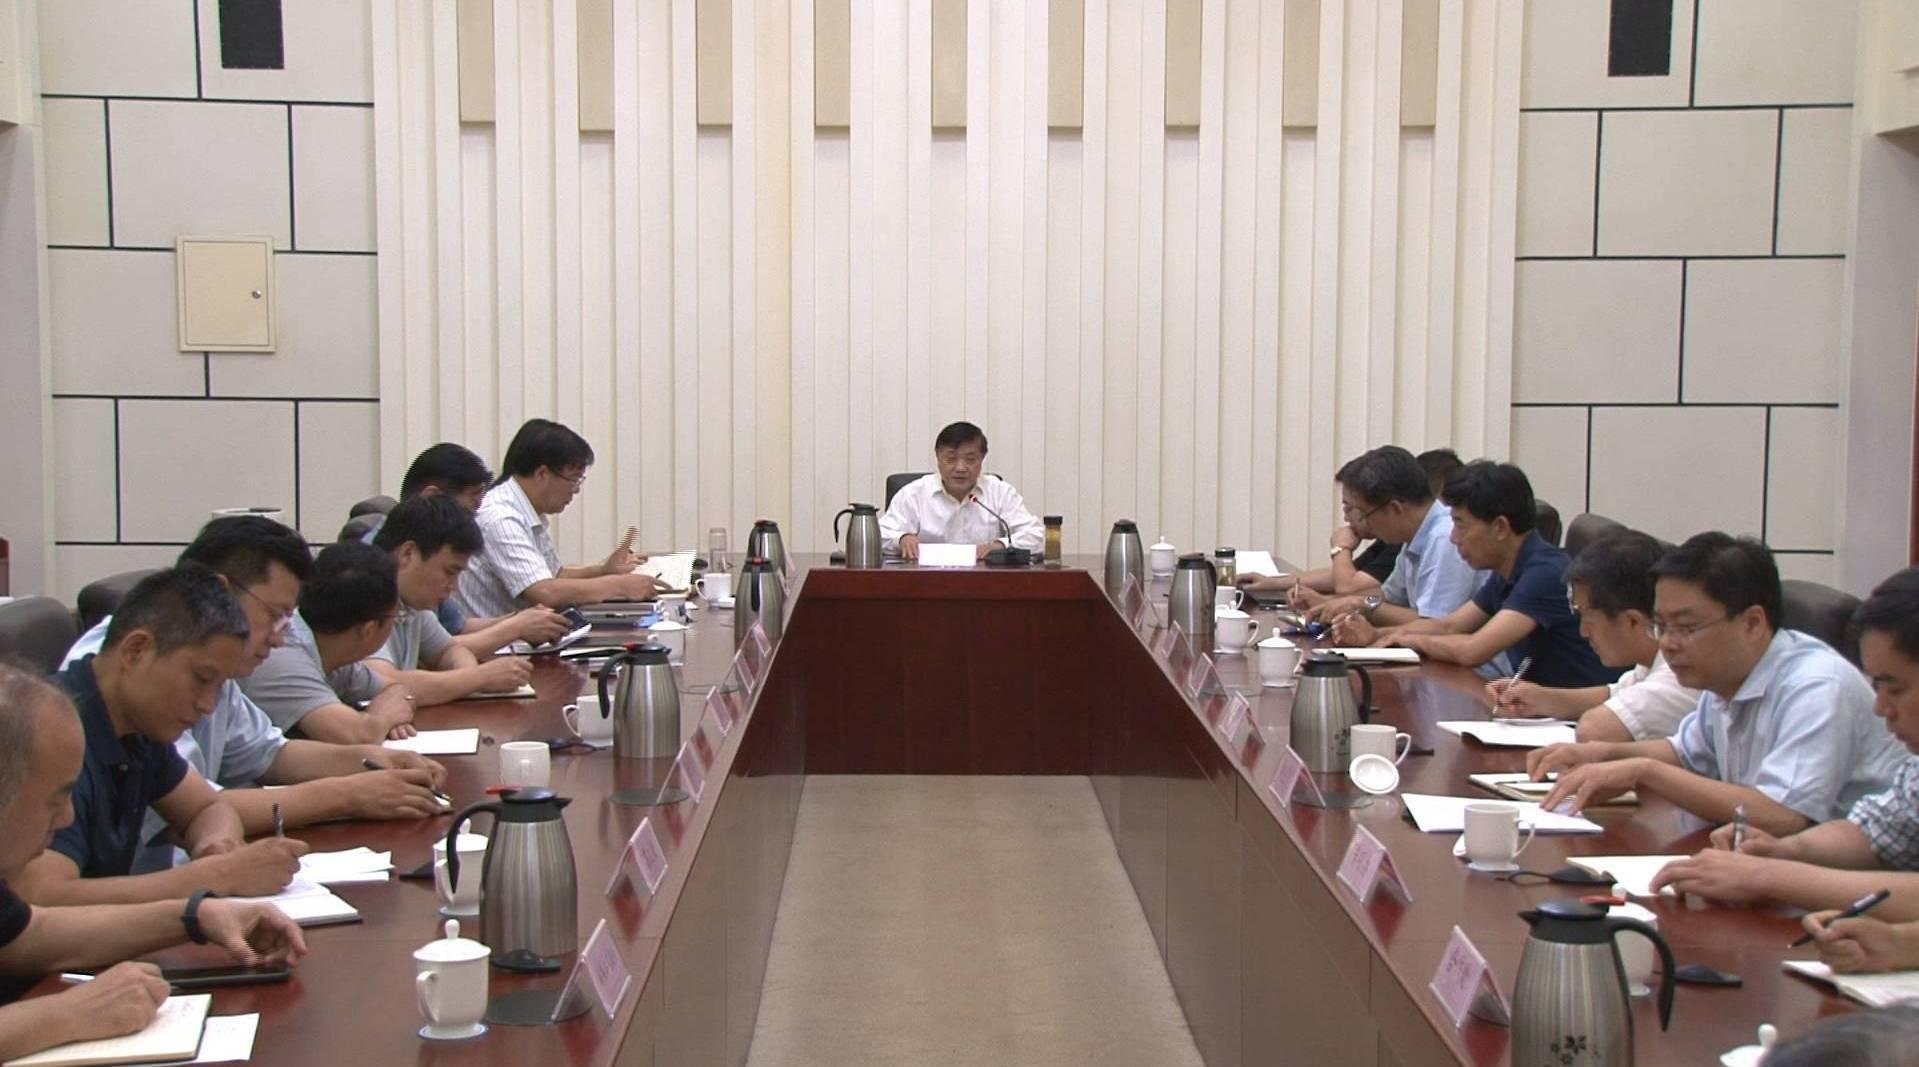 山东省科技厅召开专题会议 研究部署整改人工智能领域创新问题